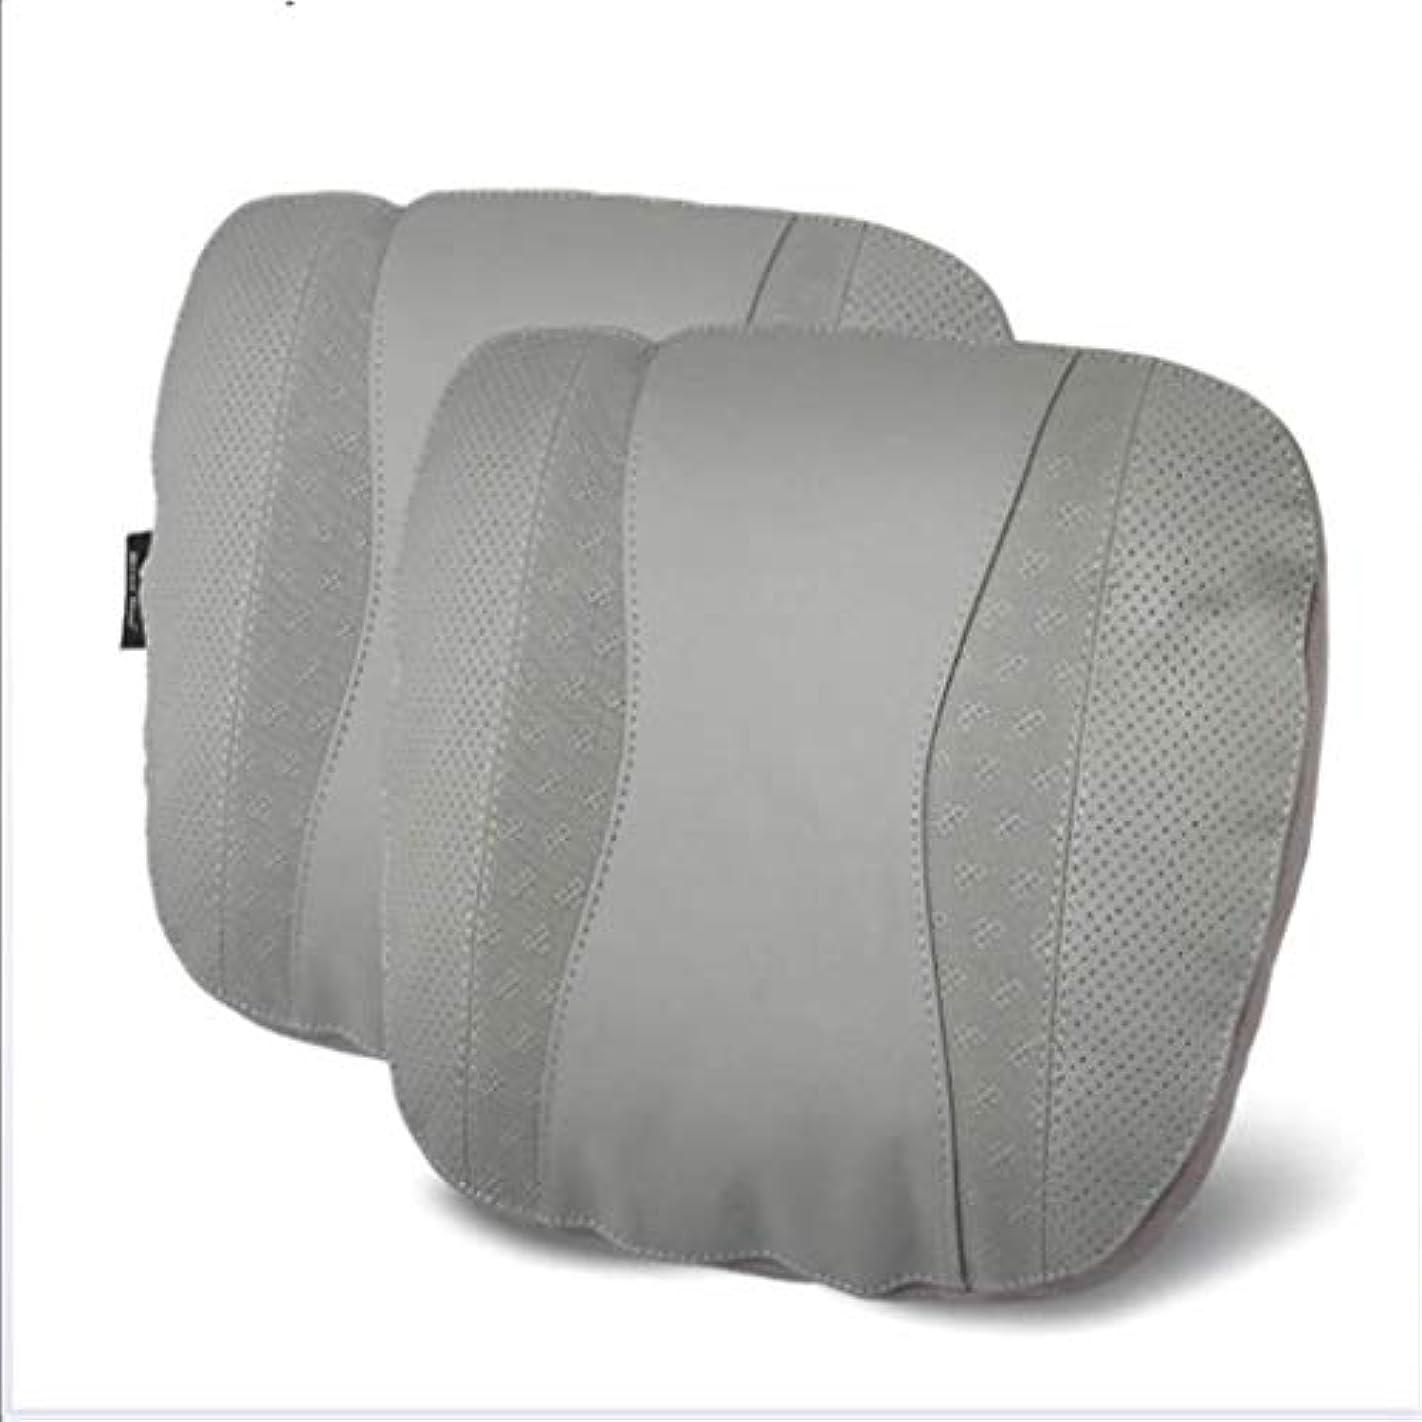 ネックピロー、カーシートネックピロー、トラベルピローネックパッド、カーネックピローサポートピローとして使用、航空機のネックピロー、首の疲れを和らげる (Color : Gray)